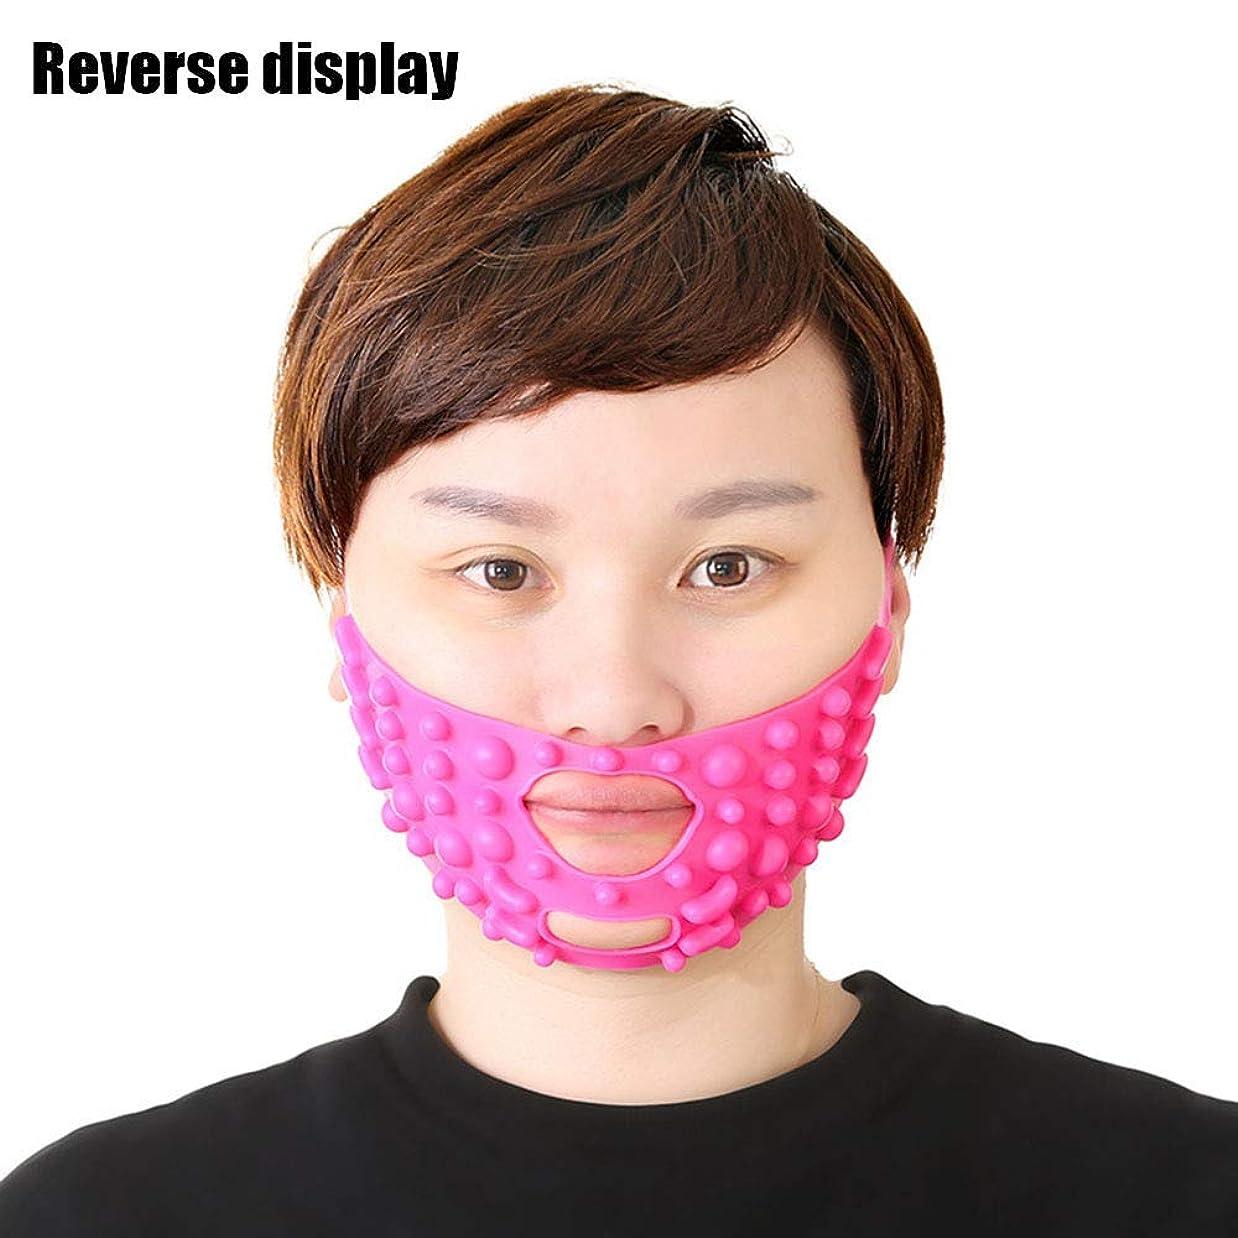 廃止ブレーキメアリアンジョーンズフェイシャルマッサージ包帯、持ち上げ、引き締め、法則パターンを改善して小さなVフェイス/二重あごマスクを作成(ローズレッド)